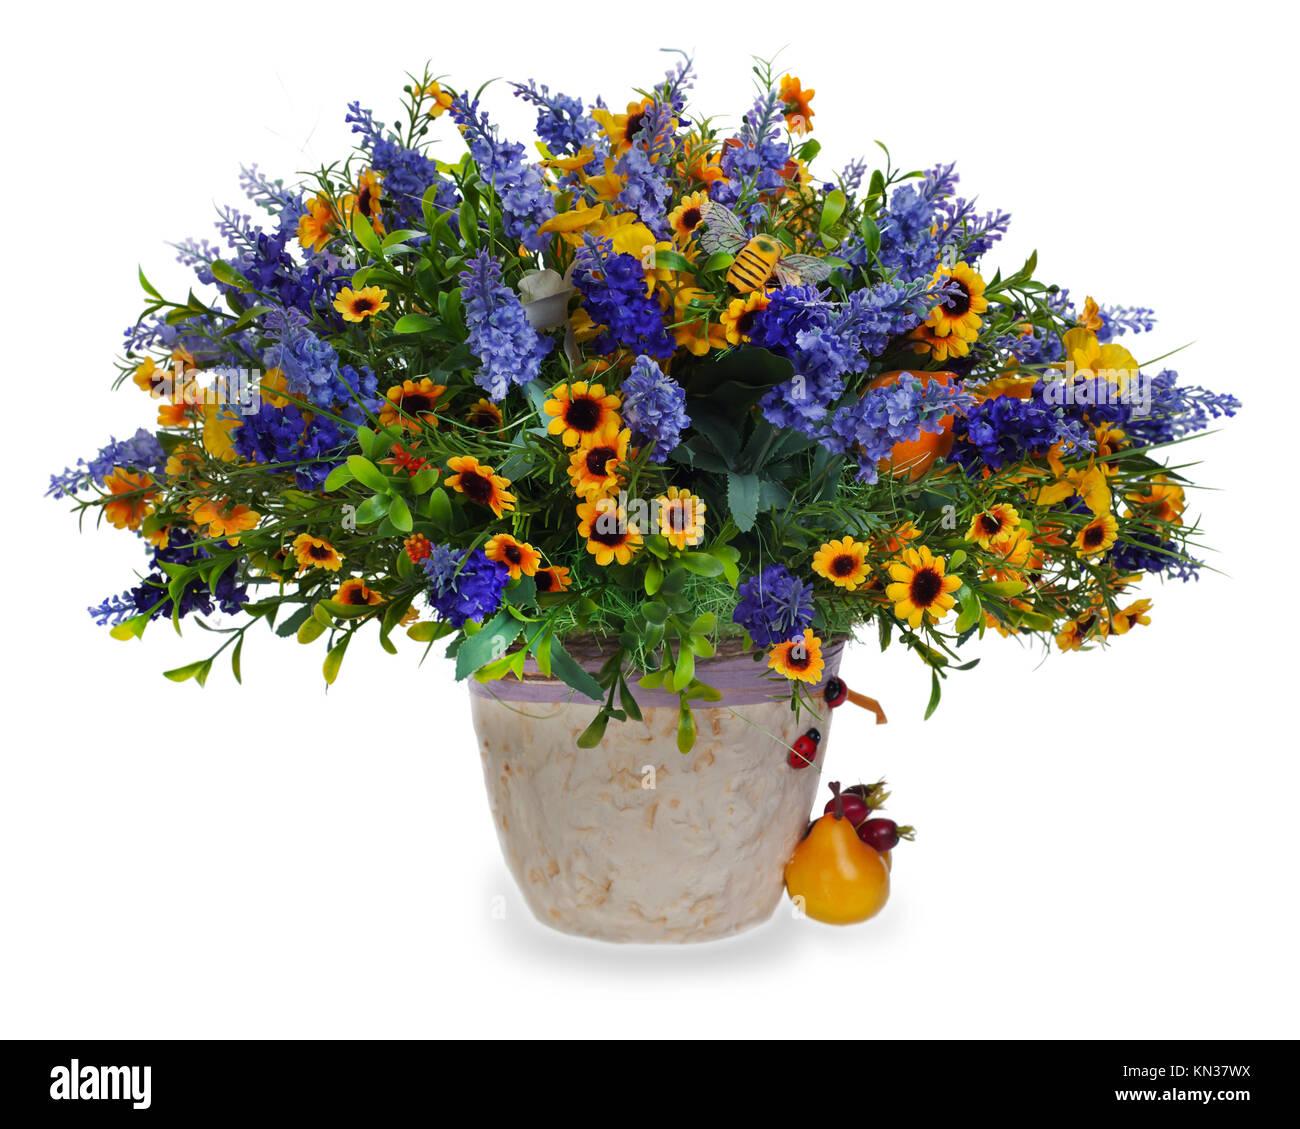 bunte blumen blumenstrau aus lilien und irisen mittelst ck sonnenblumen in vase auf wei em. Black Bedroom Furniture Sets. Home Design Ideas